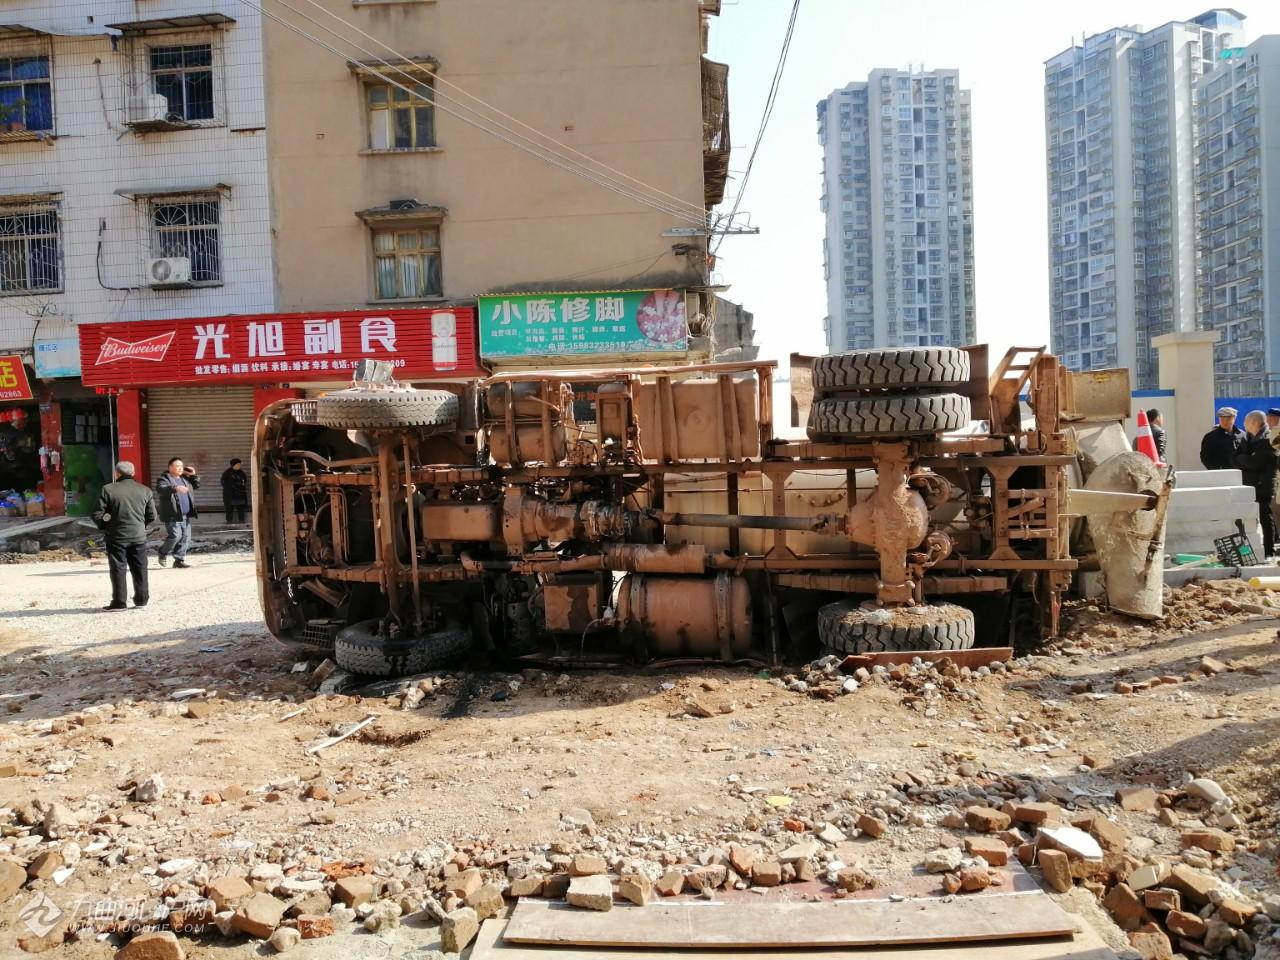 资阳马家巷街改造施工中,一辆砼车侧翻在施工现场,所幸无人员受伤(现场多图) ...